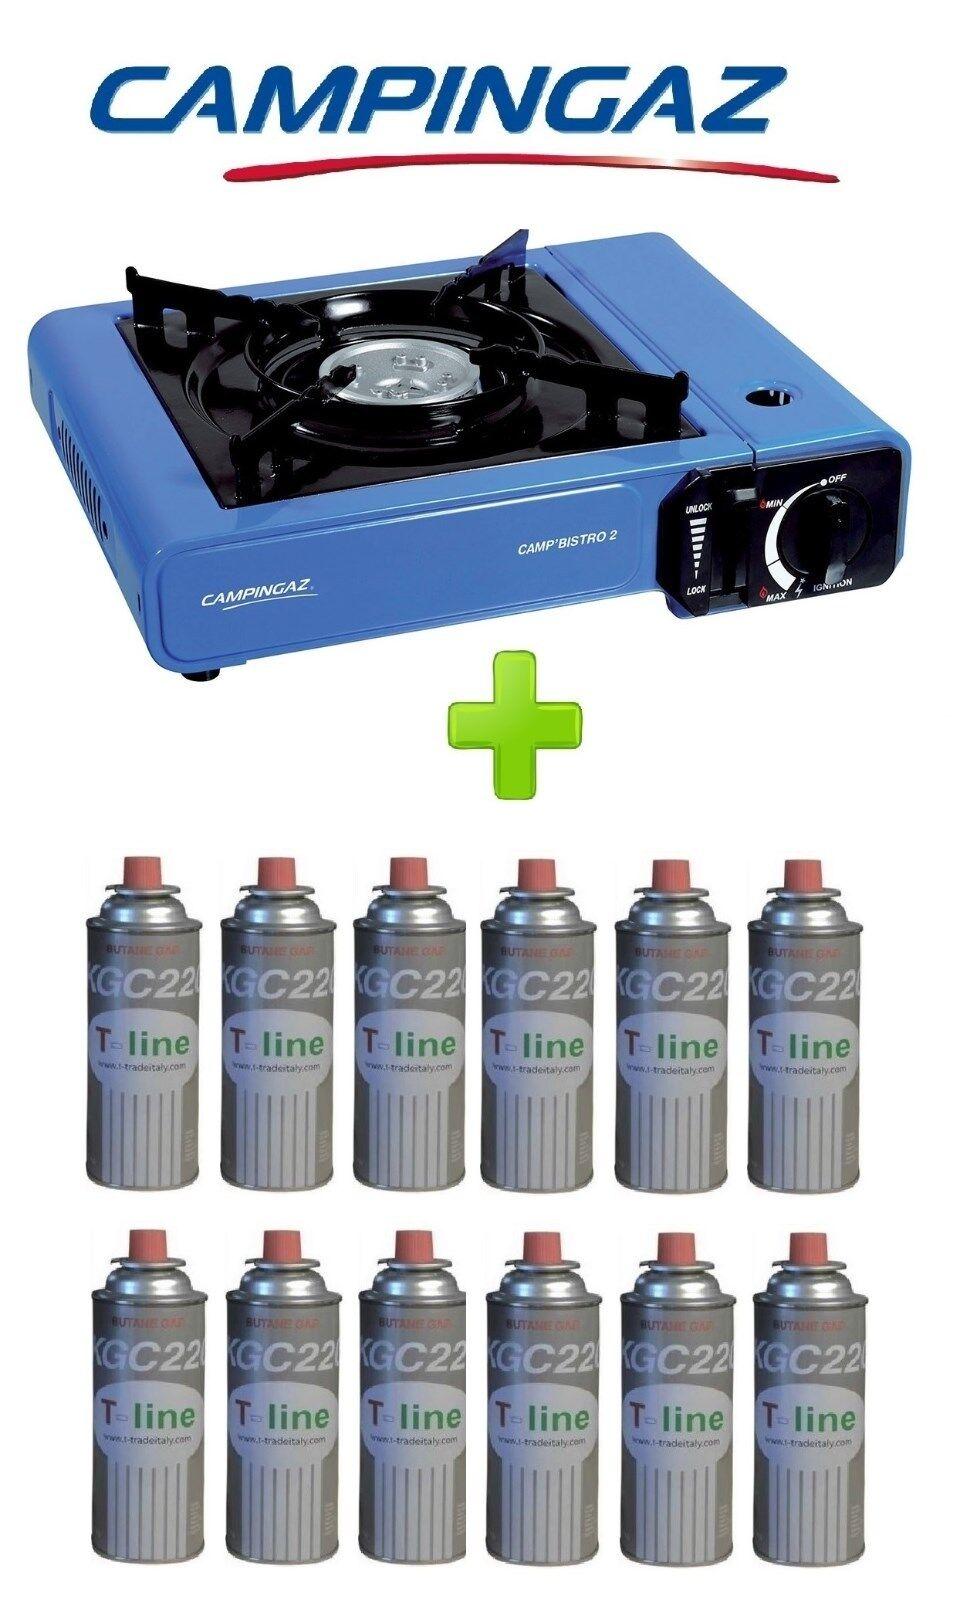 FORNELLO PORTATILE A GAS BISTRO BISTRO BISTRO CAMPINGAZ CON VALIGETTA +  12 CARTUCCIE A GAS 6848bd